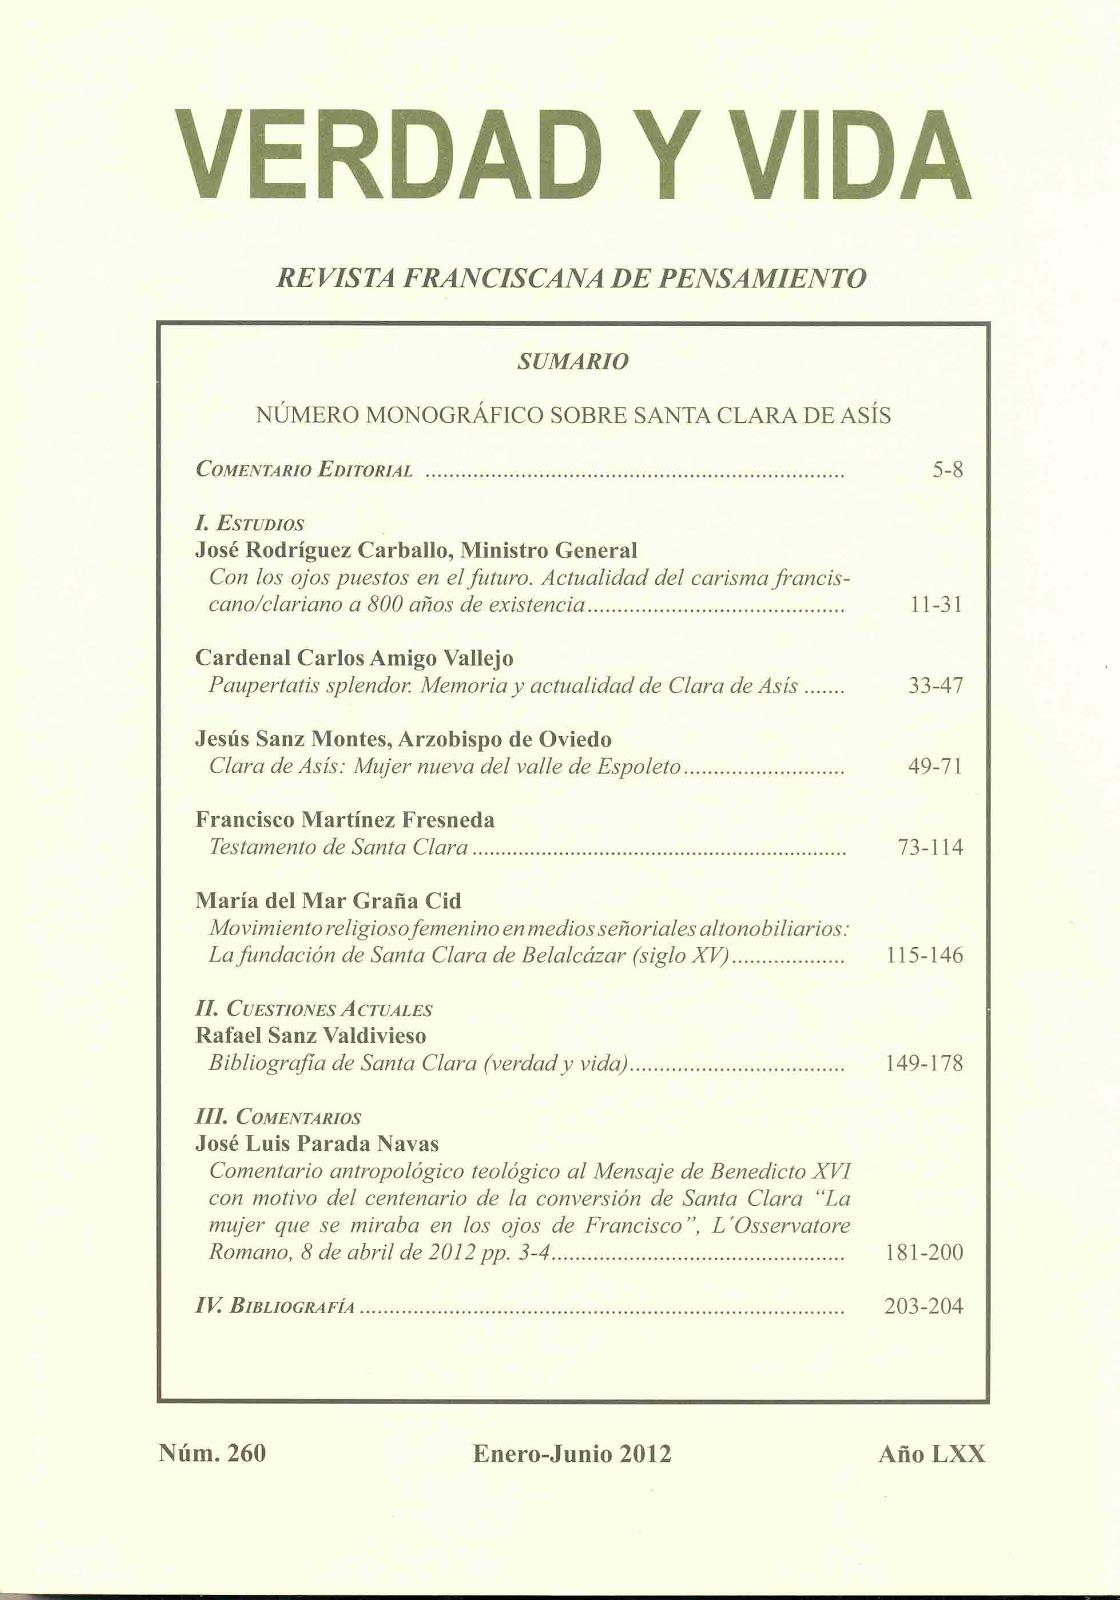 Artículo en la revista VERDAD Y VIDA del pensamiento franciscano.